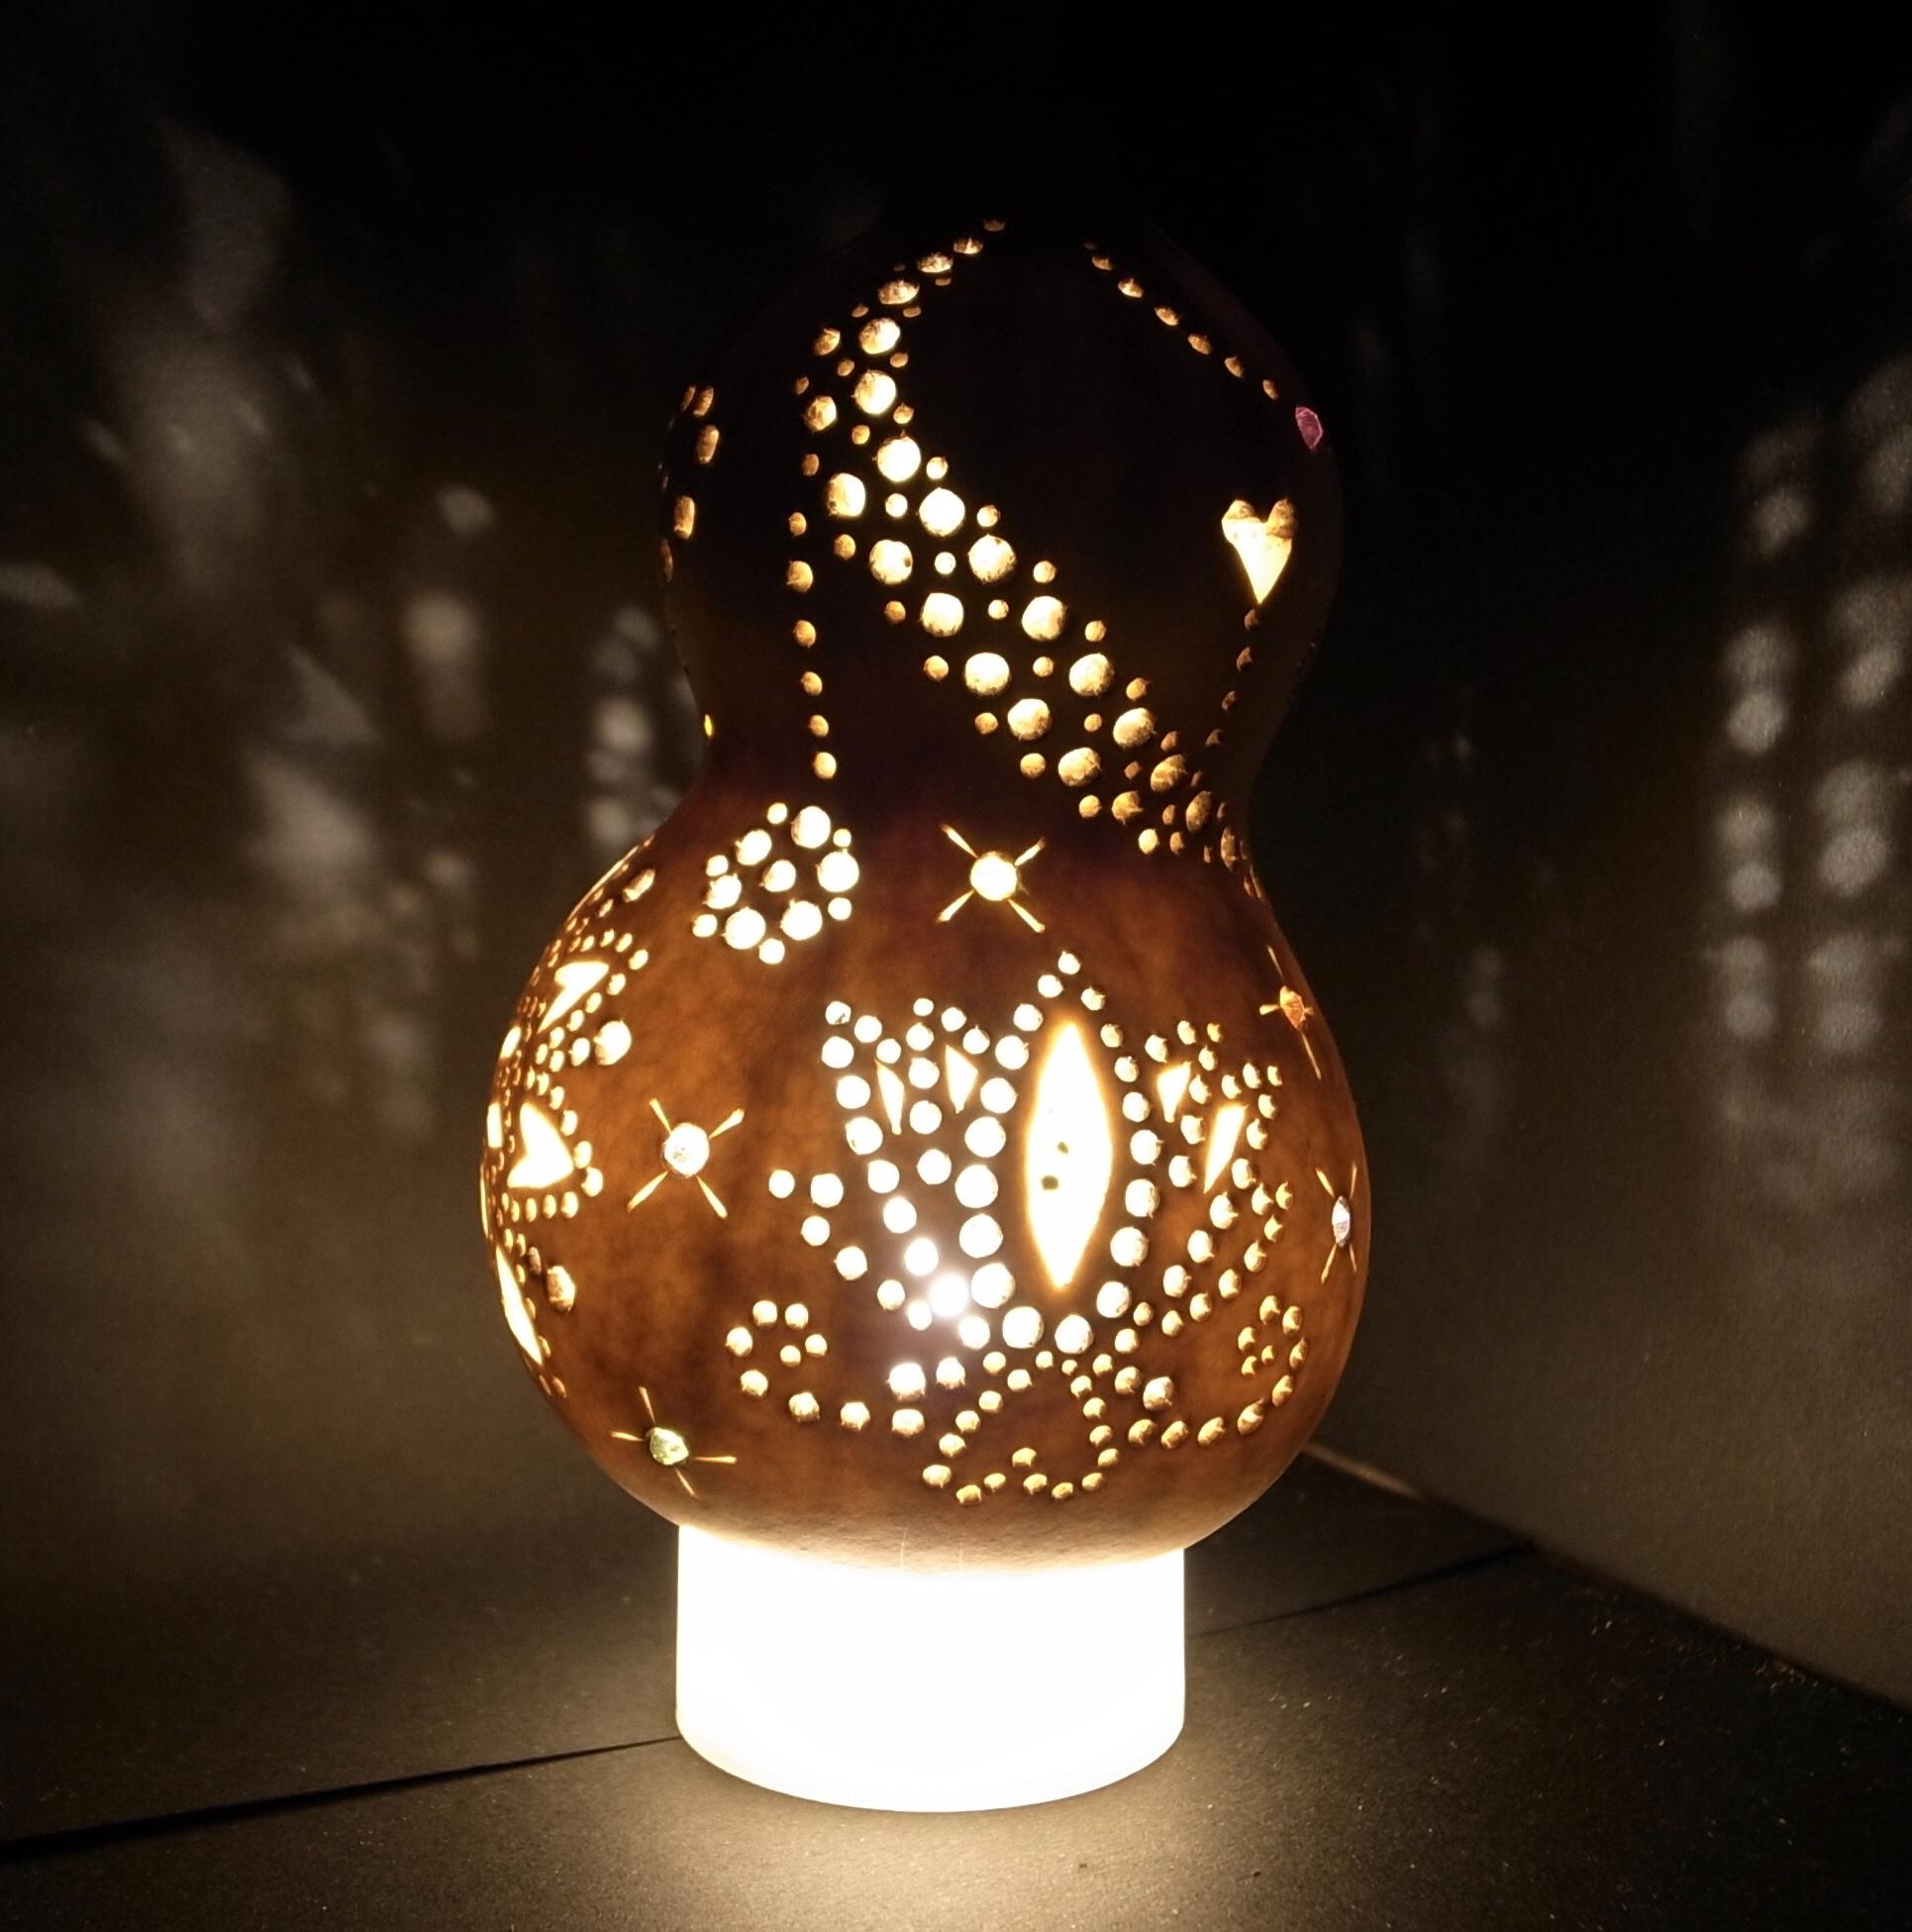 ふわふわ|パステル&曼荼羅アート・ひょうたんライト教室